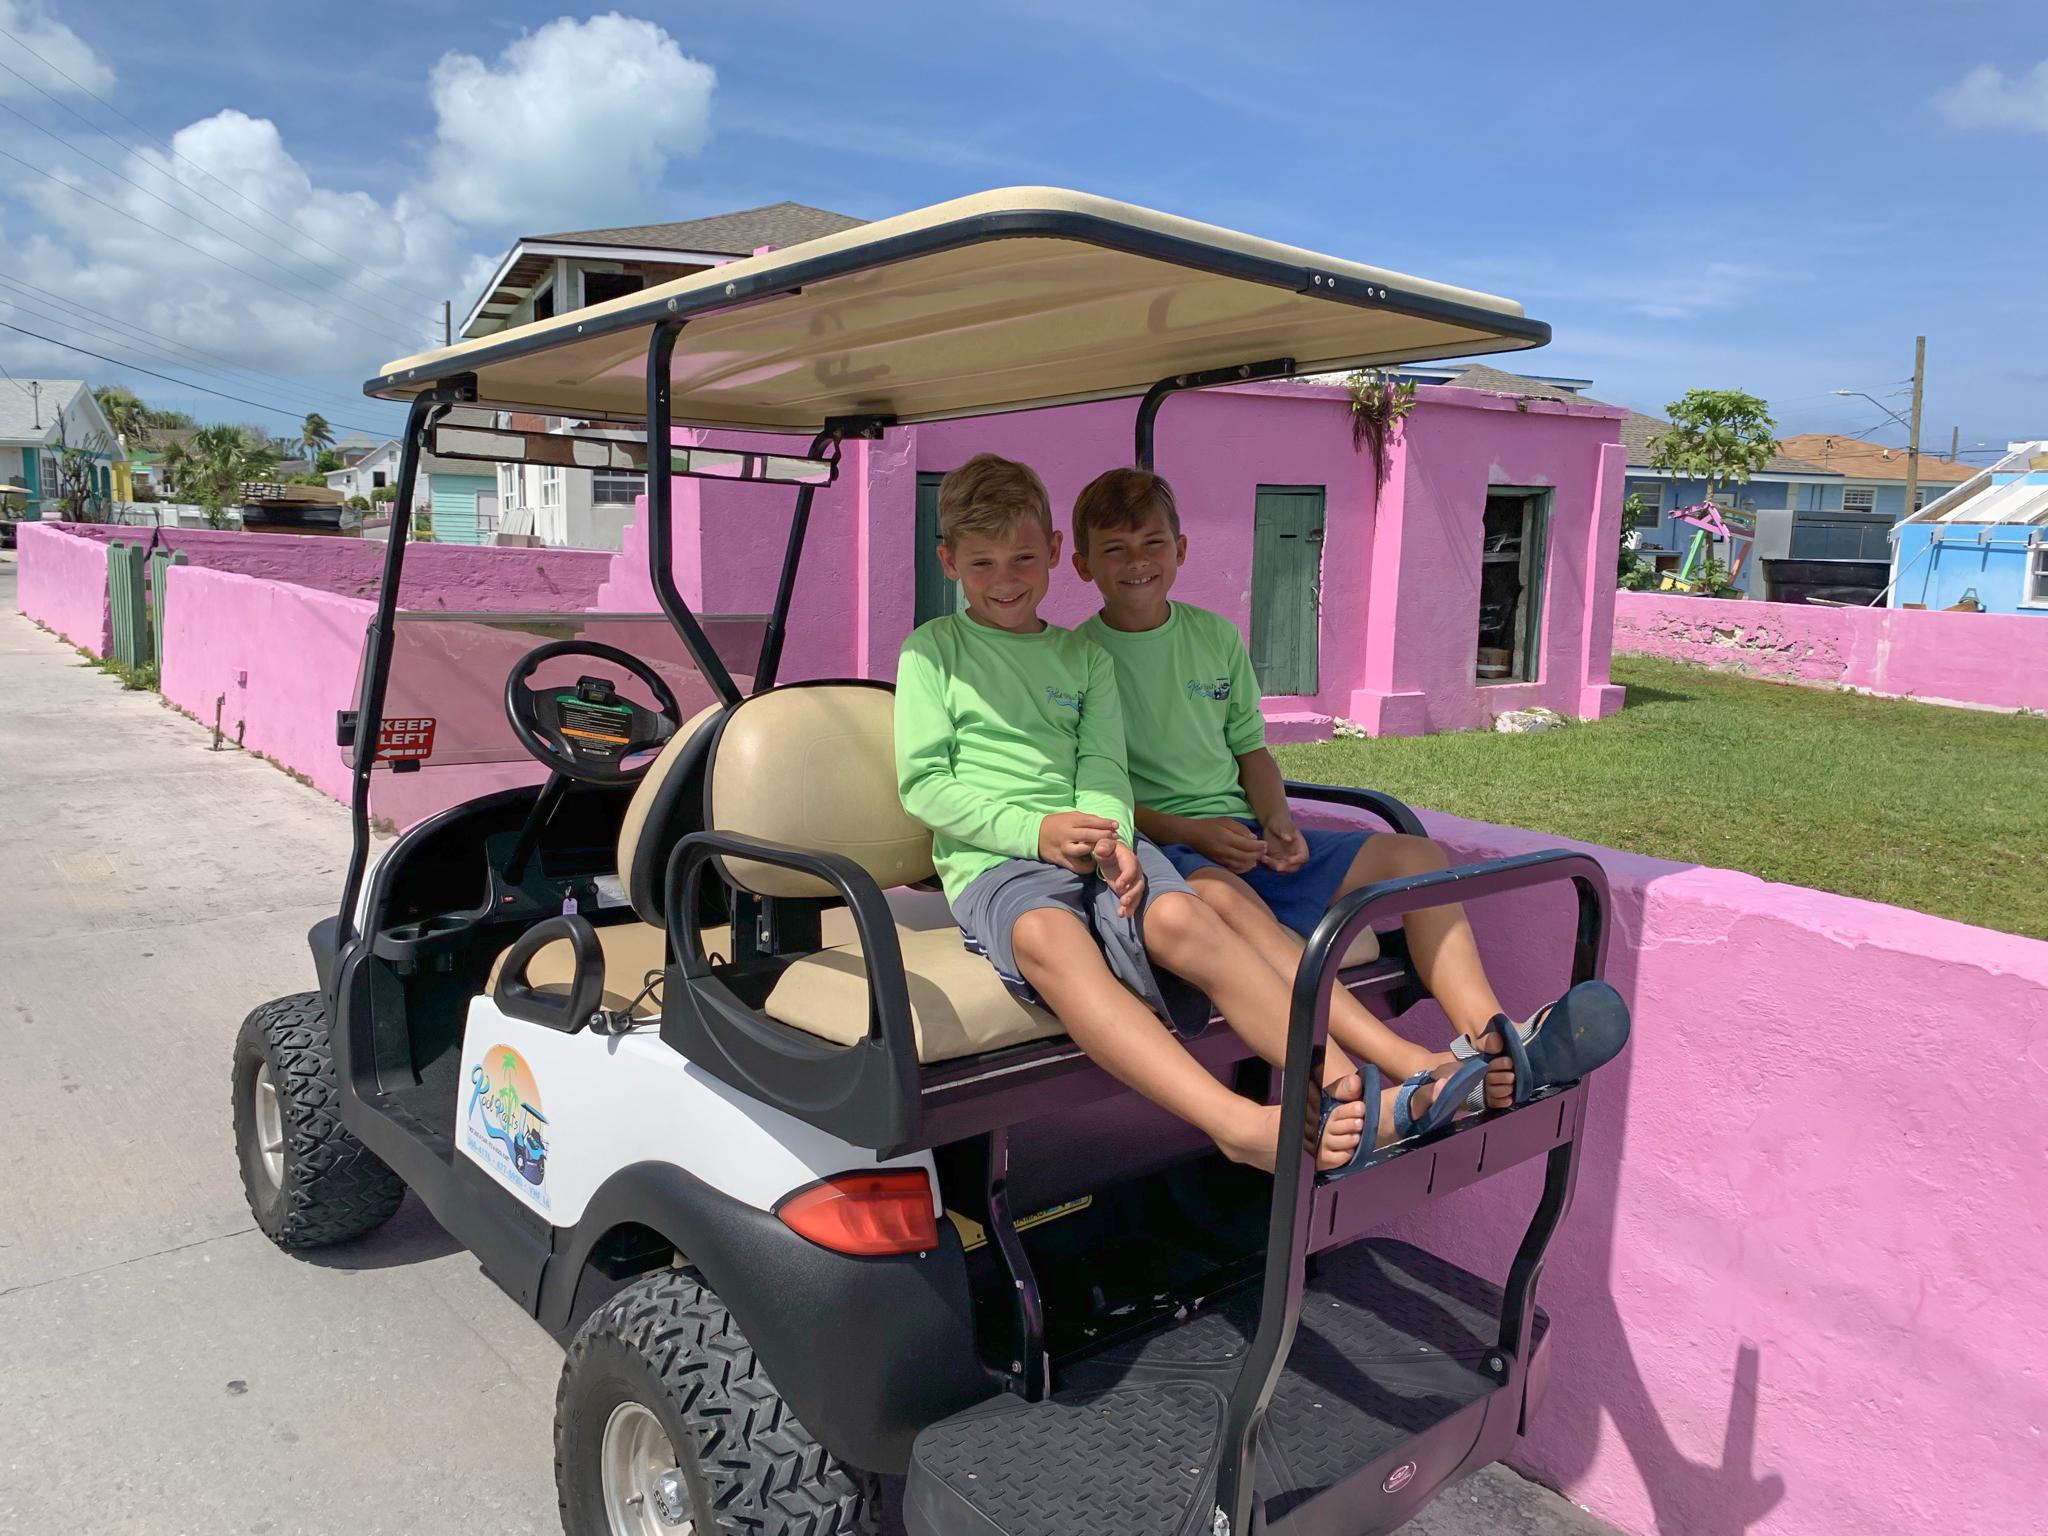 Kool Karts Green Turtle Cay Bahamas